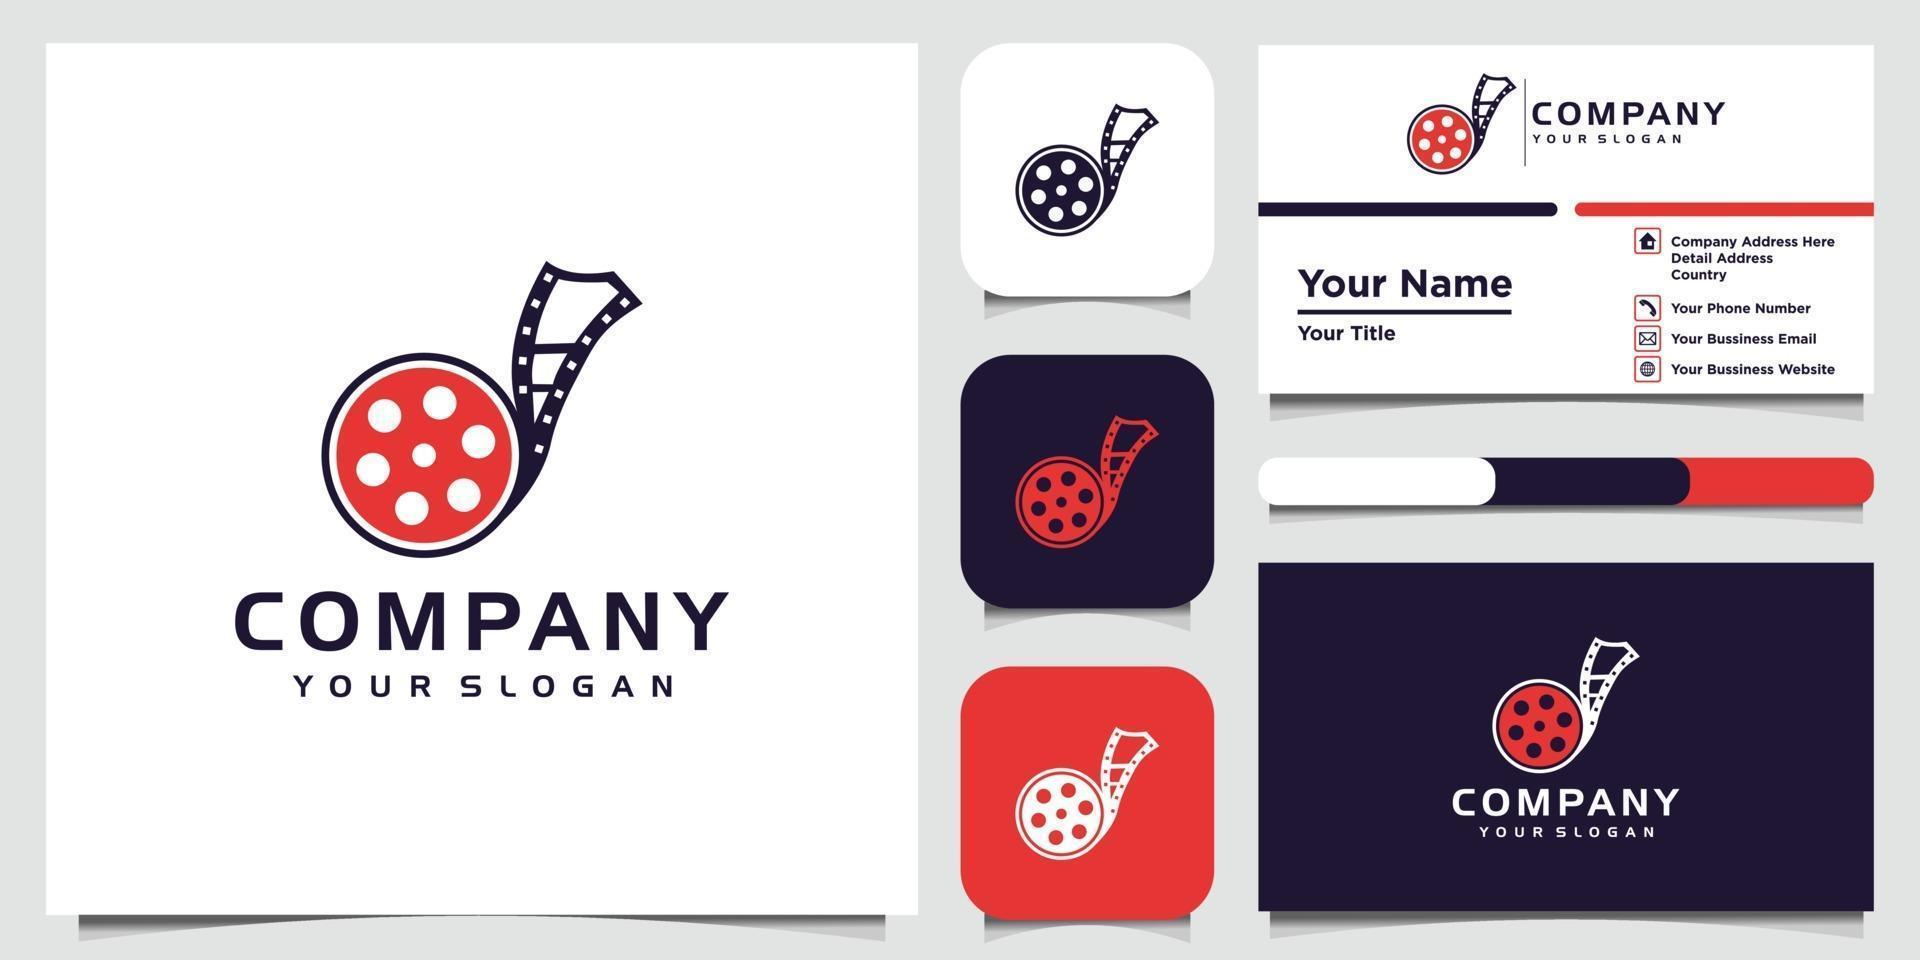 modelli di design del logo fotografico e biglietti da visita vettore